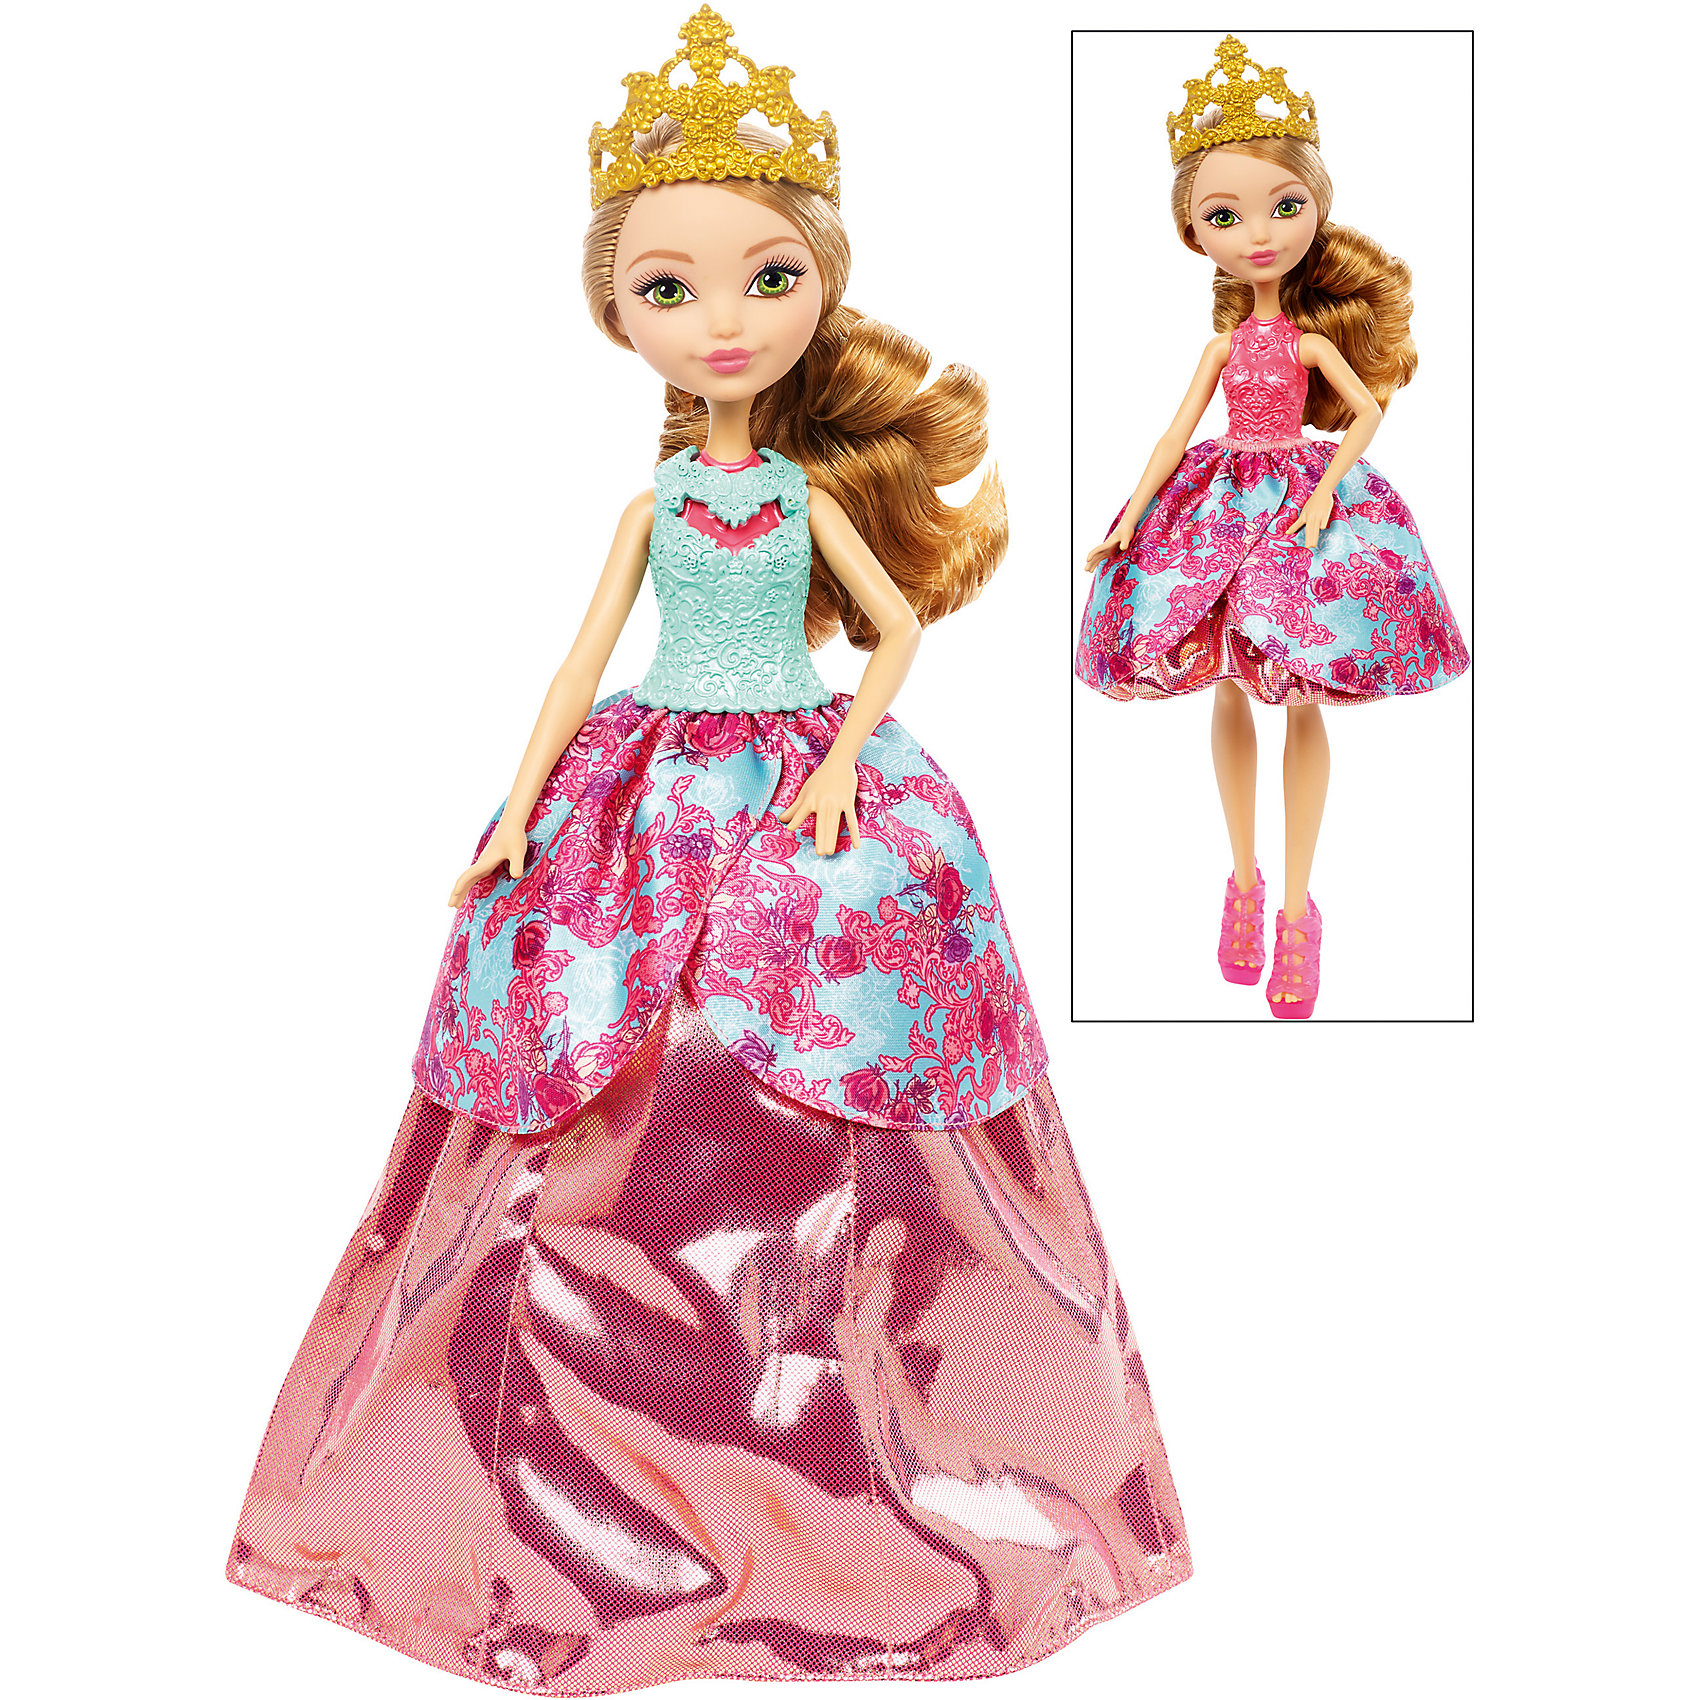 Кукла Эшлин Элла в трансформирующемся платье 2-в-1, Ever After HighEver After High Игрушки<br>Кукла Эшлин представлена в прекрасном трансформирующемся платье с великолепной короной золотого цвета. Платье этой очаровательной куклы может превратиться в два удивительных наряда. Первый наряд выглядит как настоящее бальное платье, пышное и красивое. Второй наряд - это модное короткое платье, прекрасно подходящее для современных вечеринок. Кукла изготовлена из пластика, а ее замечательное трансформирующееся платье сшито из качественной ткани. Кукла с удивительными нарядами позволит девочкам использовать свою фантазию, придумывая все новые и новые сюжетно-ролевые игры.<br><br>Дополнительная информация:<br><br>- возраст: от 6 лет<br>- пол: для девочек<br>- цвет: бирюзово-розовый.<br>- комплект: 1 кукла, аксессуары.<br>- материал: пластик, текстиль.<br>- размер упаковки: 32.5 * 25 * 6 см.<br>- упаковка: пластиковый бокс.<br>- высота куклы: 27 см.<br>- бренд: Mattel<br>- страна обладатель бренда: США.<br><br>Куклу Эшлин торговой марки Ever After High (Эвер Афтер Хай)   можно купить в нашем интернет-магазине.<br><br>Ширина мм: 65<br>Глубина мм: 255<br>Высота мм: 325<br>Вес г: 405<br>Возраст от месяцев: 72<br>Возраст до месяцев: 144<br>Пол: Женский<br>Возраст: Детский<br>SKU: 5047628